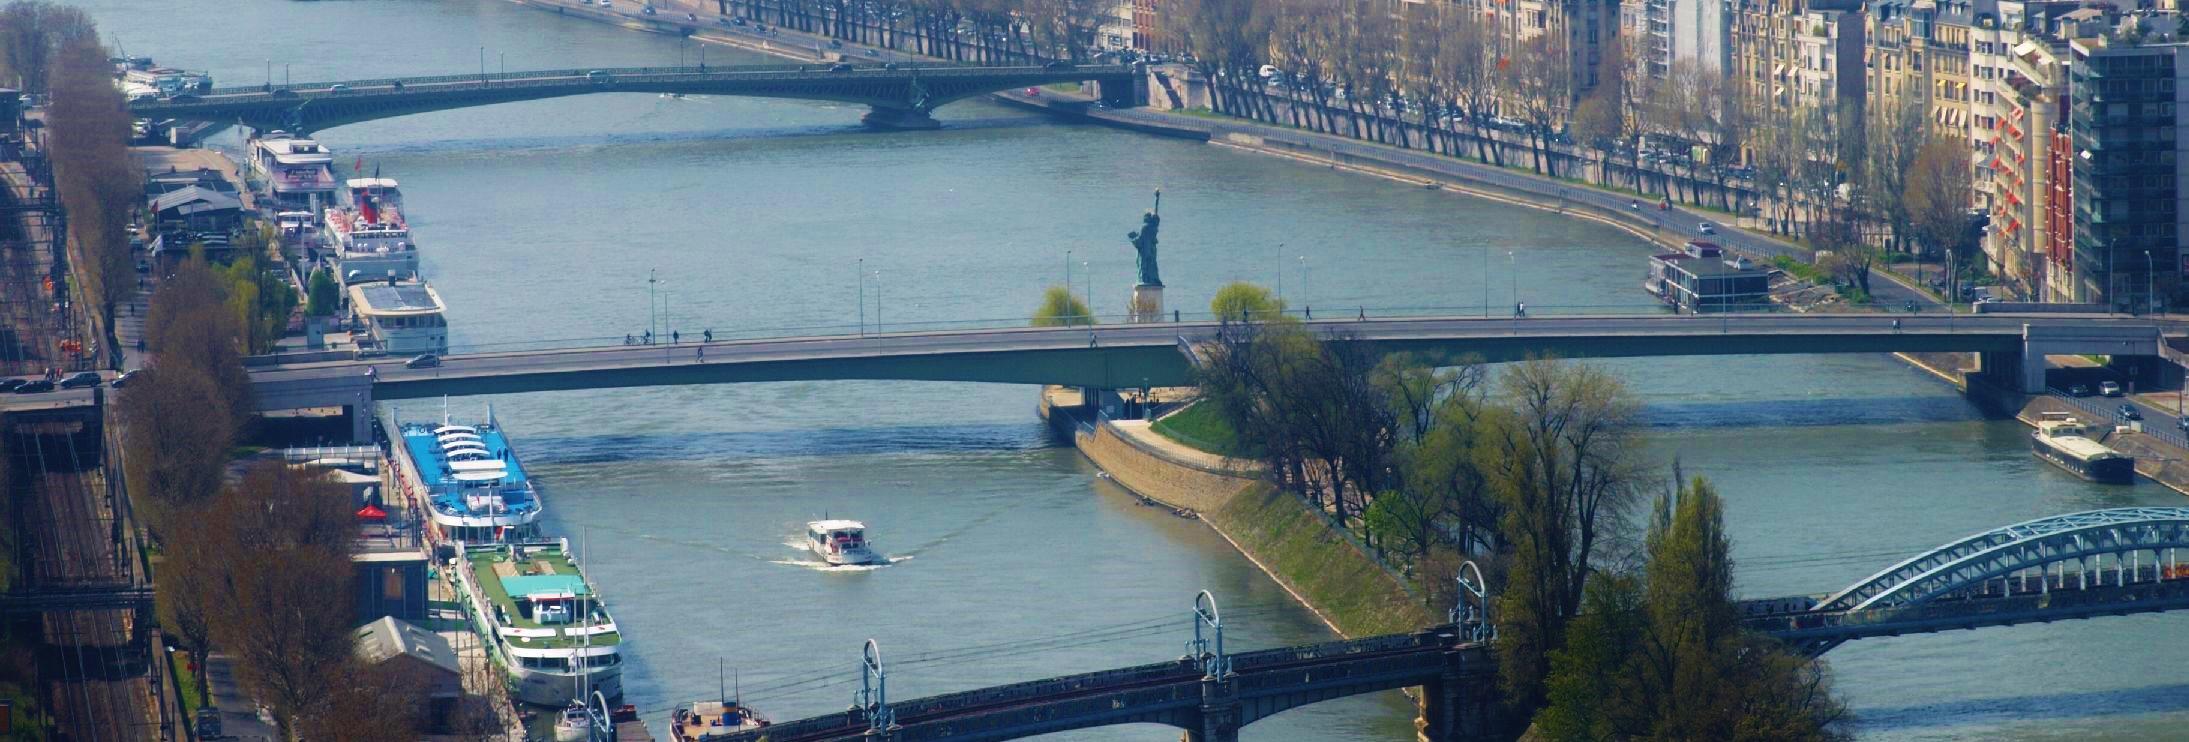 Los Puentes de Pars 4 el Pont de Grenelle  A Pars